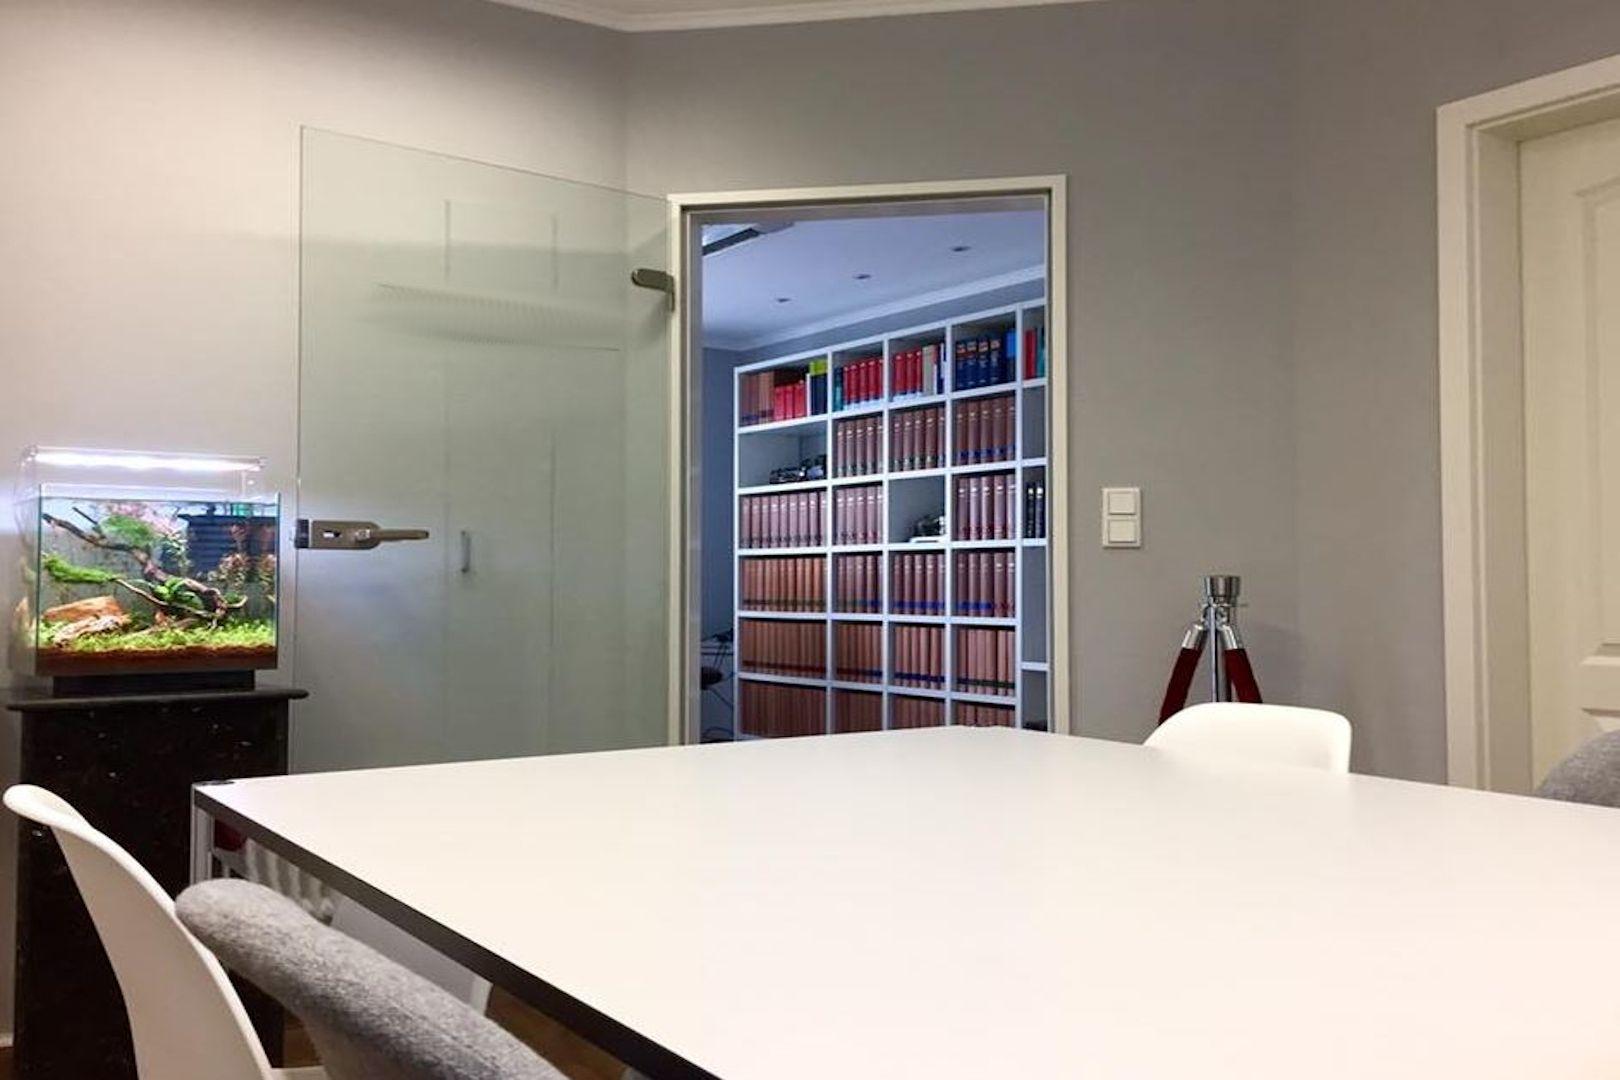 Immobilie Nr.0289 - Bürofläche im Erdgeschoss mit zwei Räumen  - Bild 5.jpg